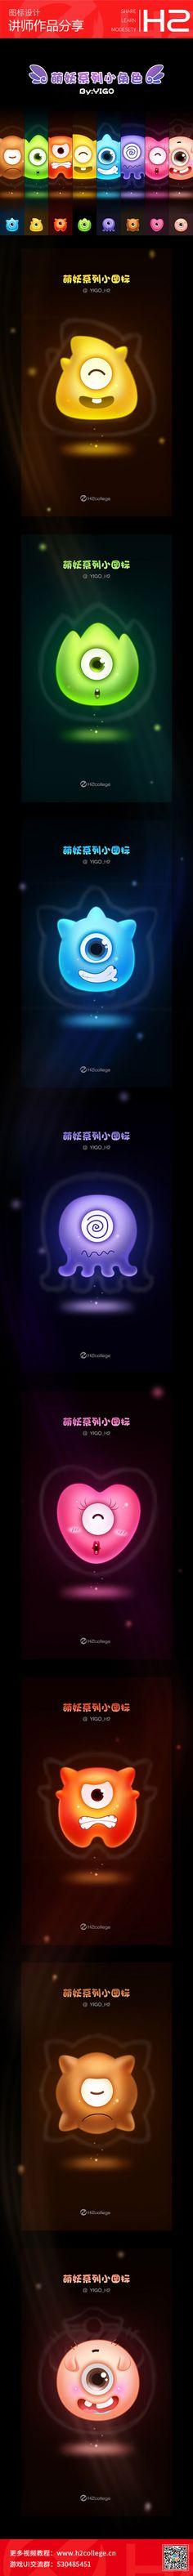 萌系小怪物 #GAMEUI# #游戏UI# #ICON# #游戏界面# #游戏图标# #H2学院# http://www.h2college.cn/